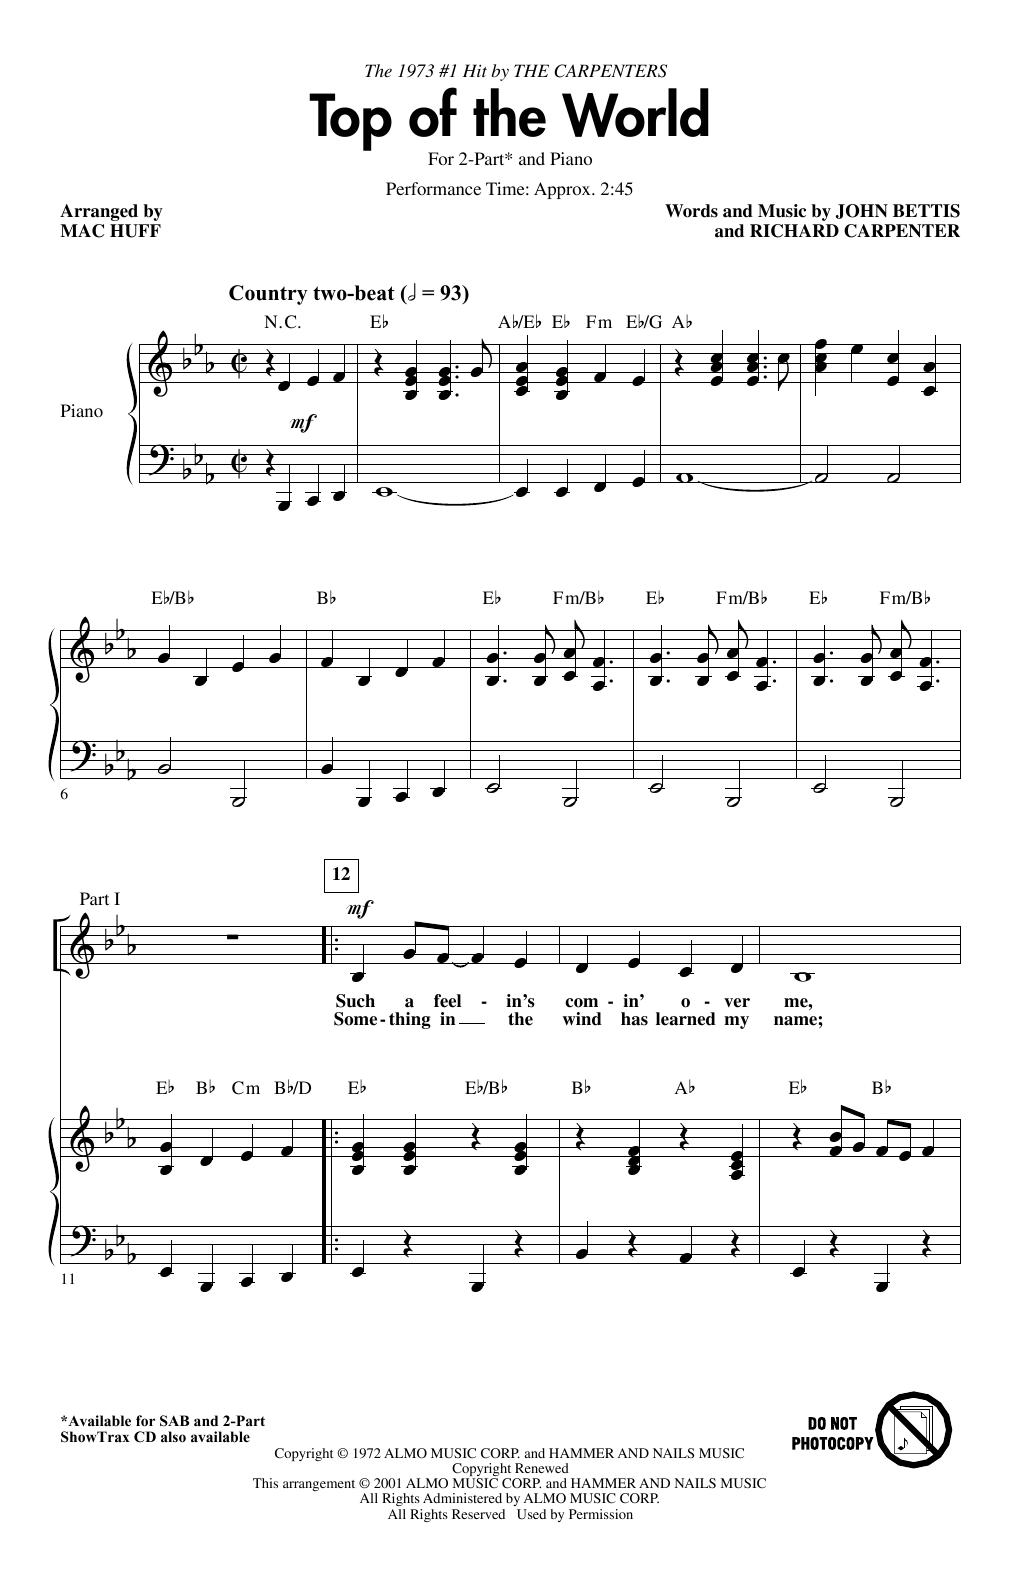 Top Of The World (arr. Mac Huff) (2-Part Choir)